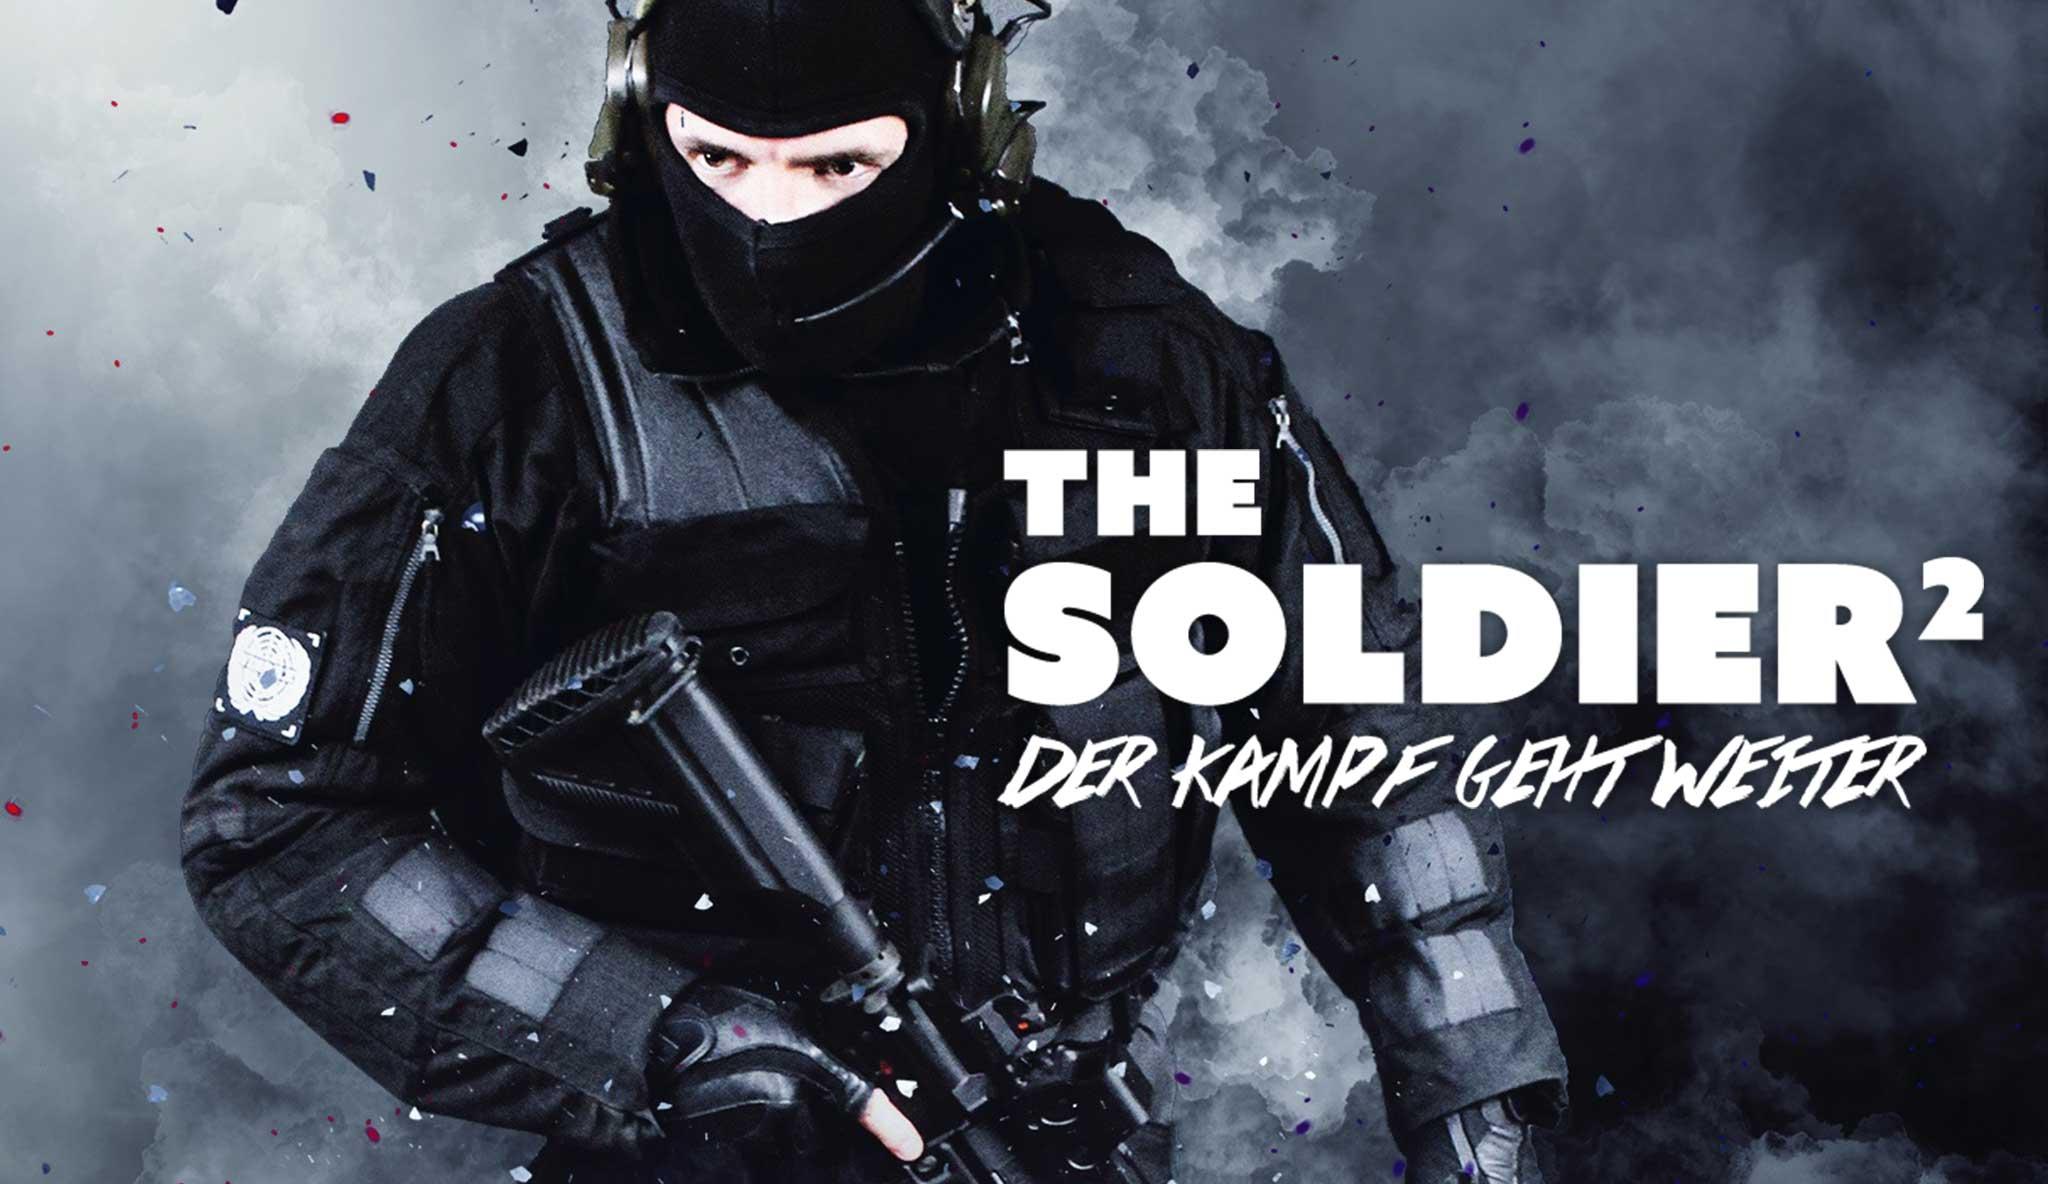 the-soldier-2-der-kampf-geht-weiter\header.jpg